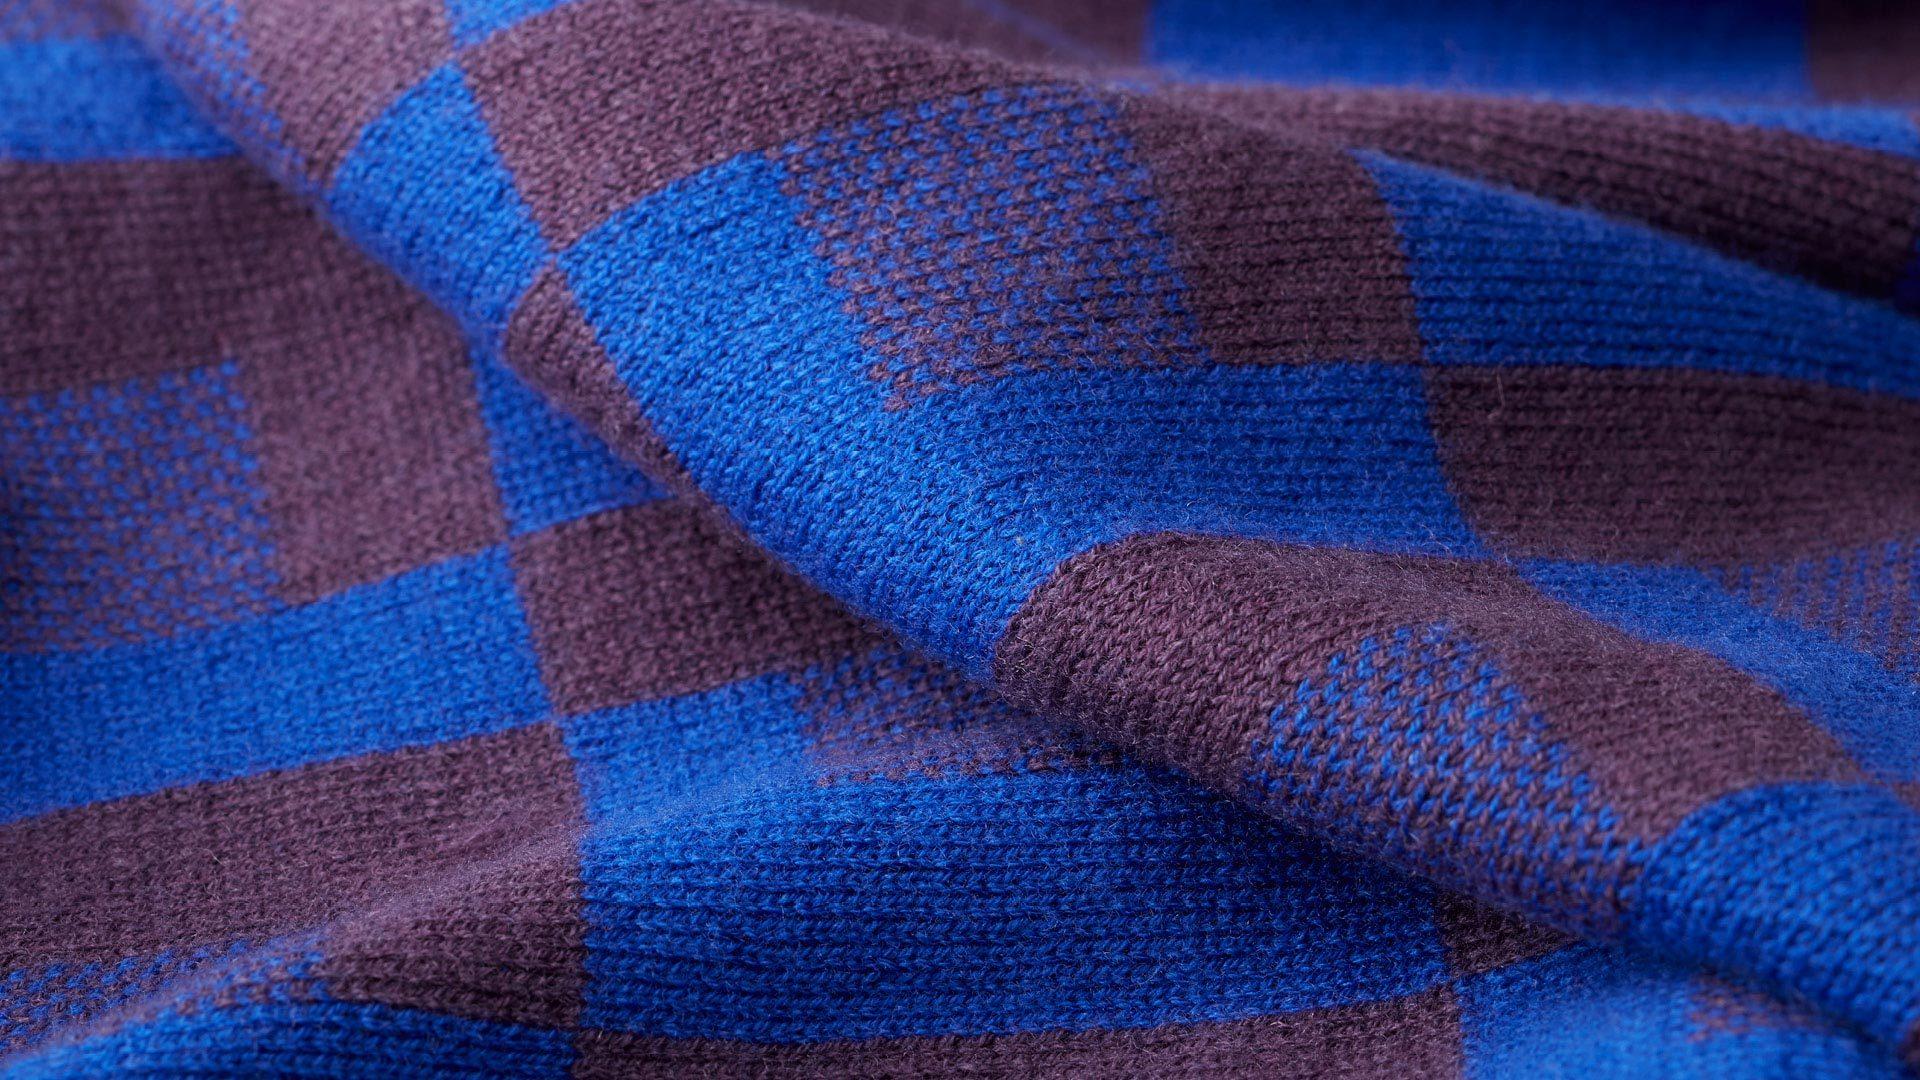 澳洲进口100%美利奴丝光羊毛<br/>80支上等超细品质,温暖亲肤不扎手